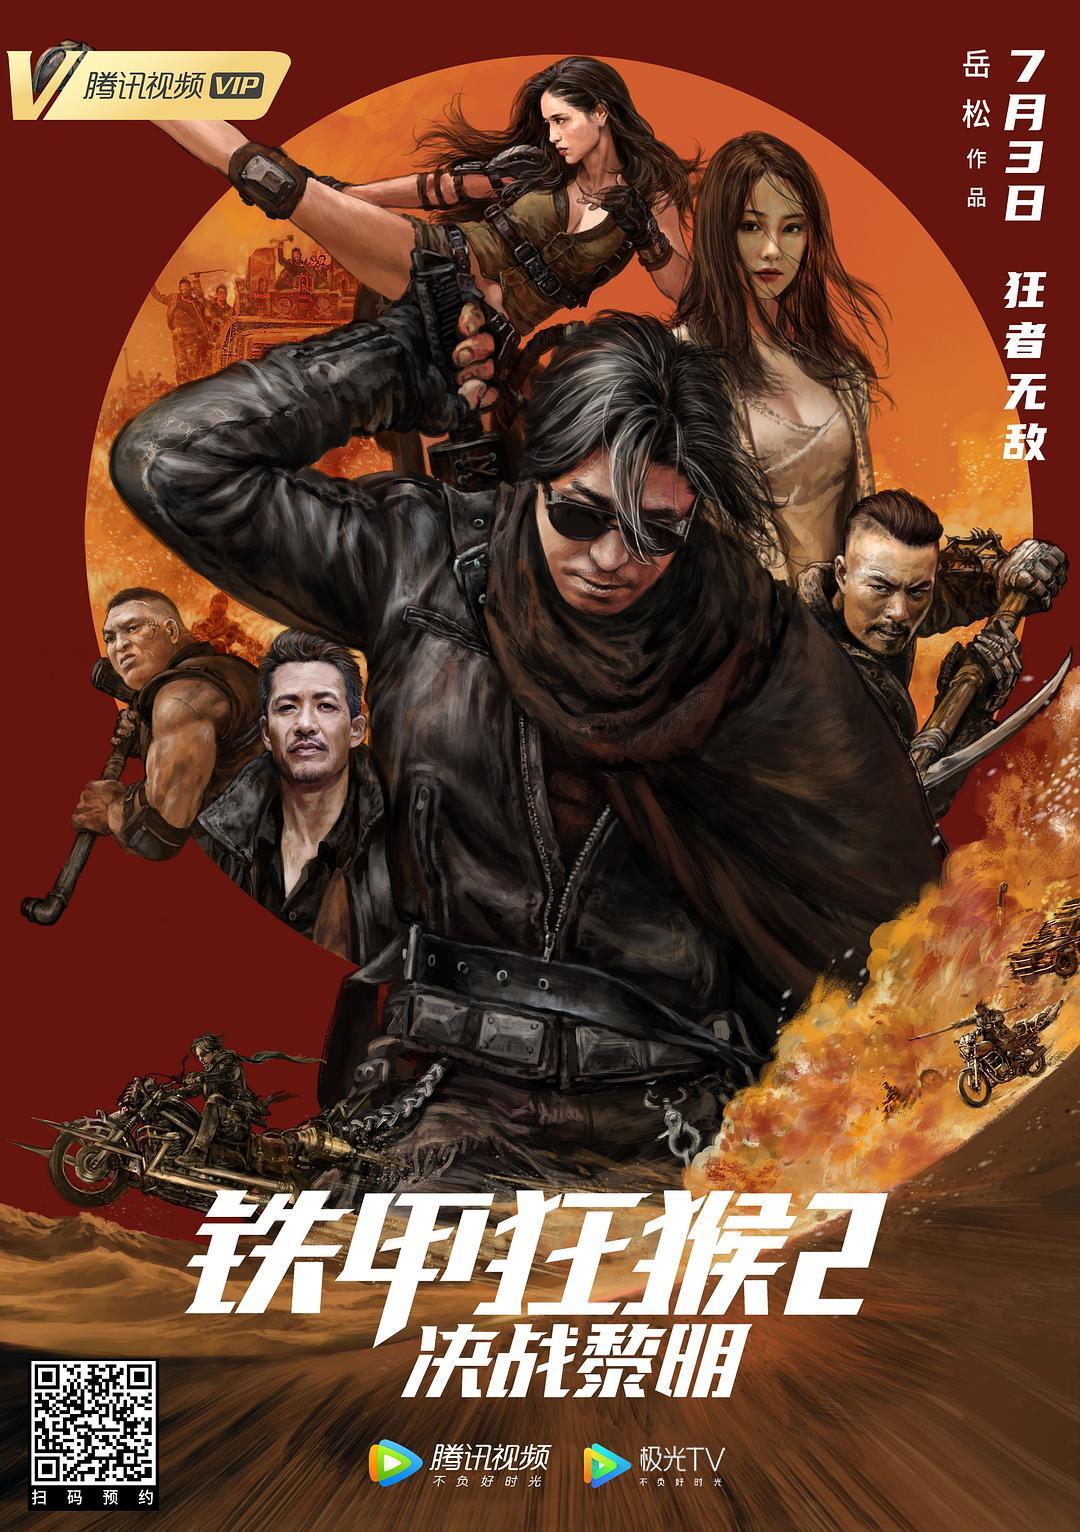 IRON MONKEY 2 [The Outlaw Thunder 2: Battle Dawn] (2020)